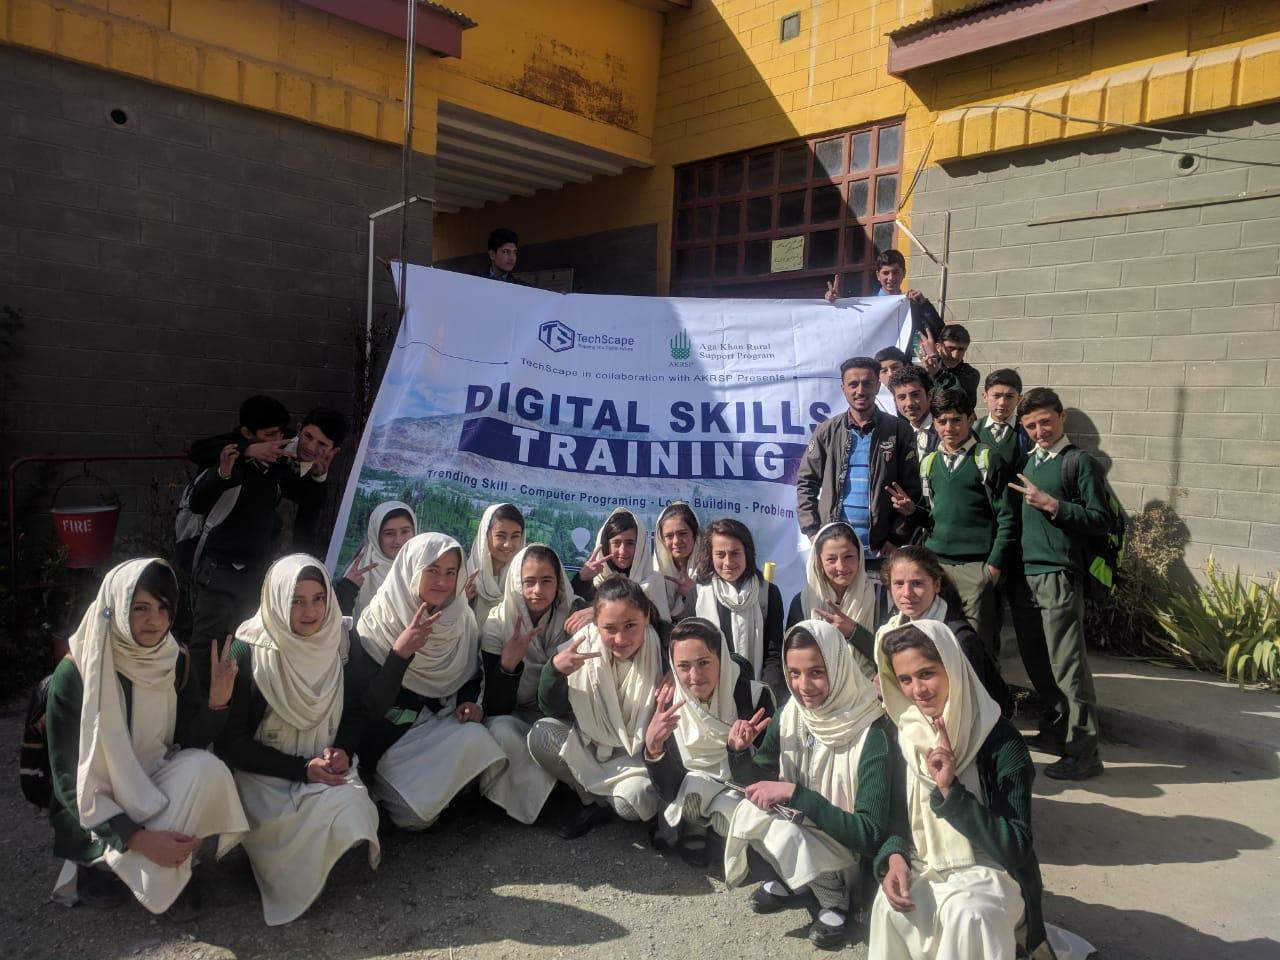 ڈی جے ہائی سکول ہُندر یاسین میں15 روزہ ڈیجیٹل سکلز بوٹ کیمپت کا انعقاد، 40 طلبا نے حصہ لیا